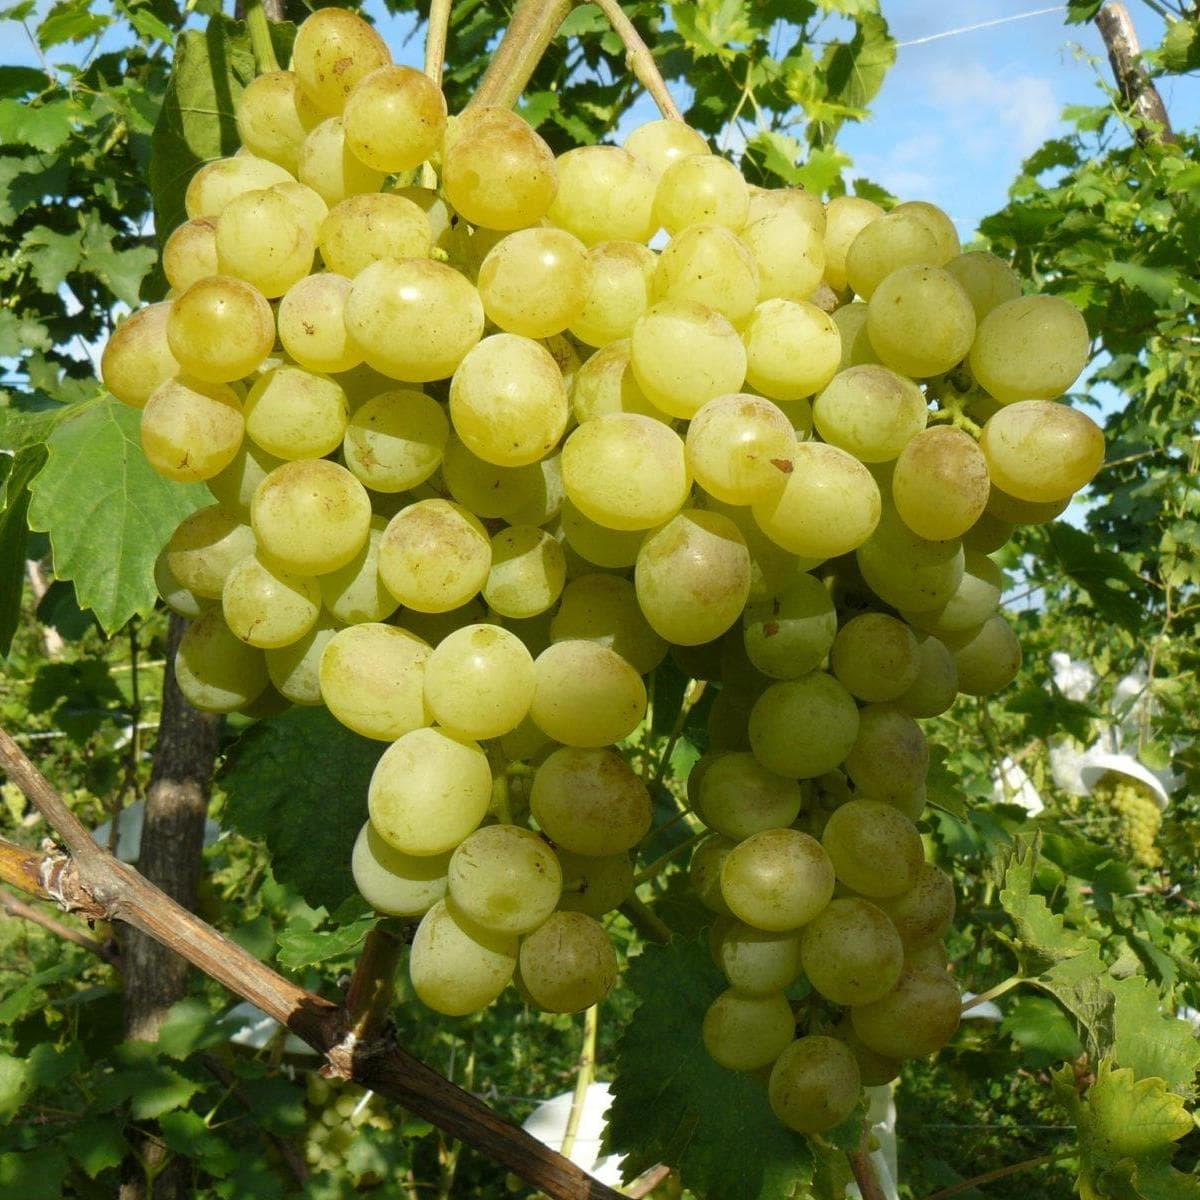 всегда есть сорт винограда юодупе фото грядку камнями